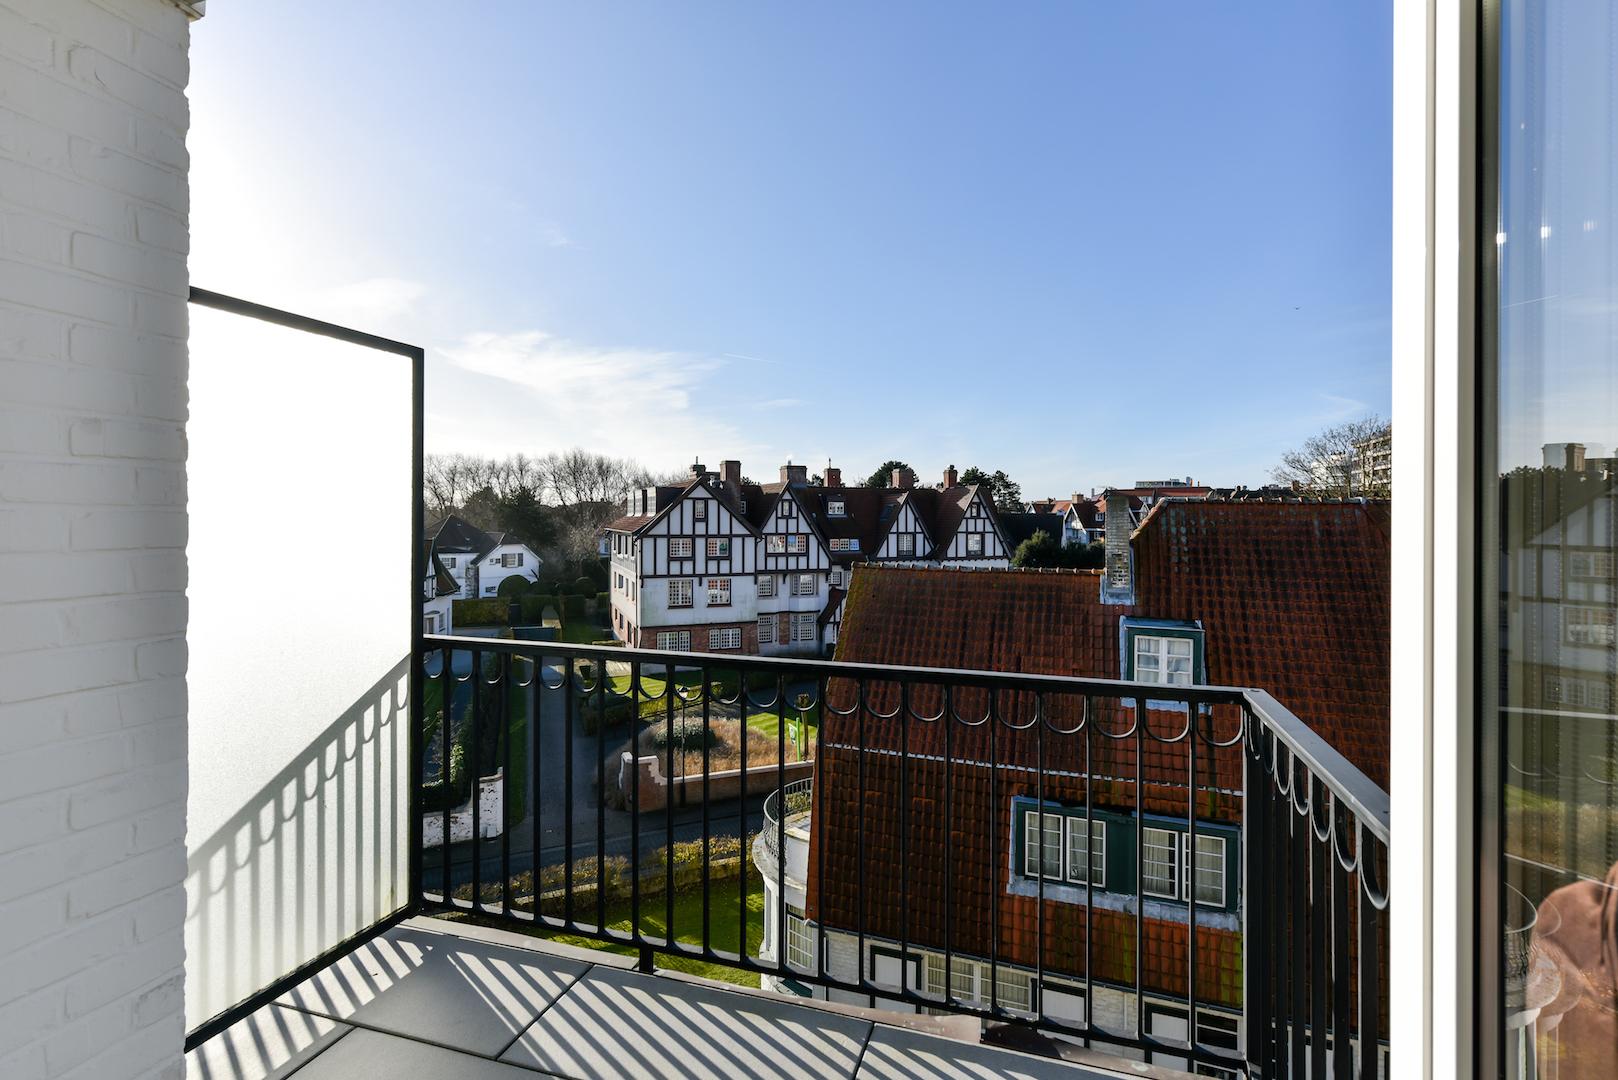 Vente Appartement 2 CH Knokke-Zoute - FINITION TOP / villa résidentielle entre Place Albert et Minigolf